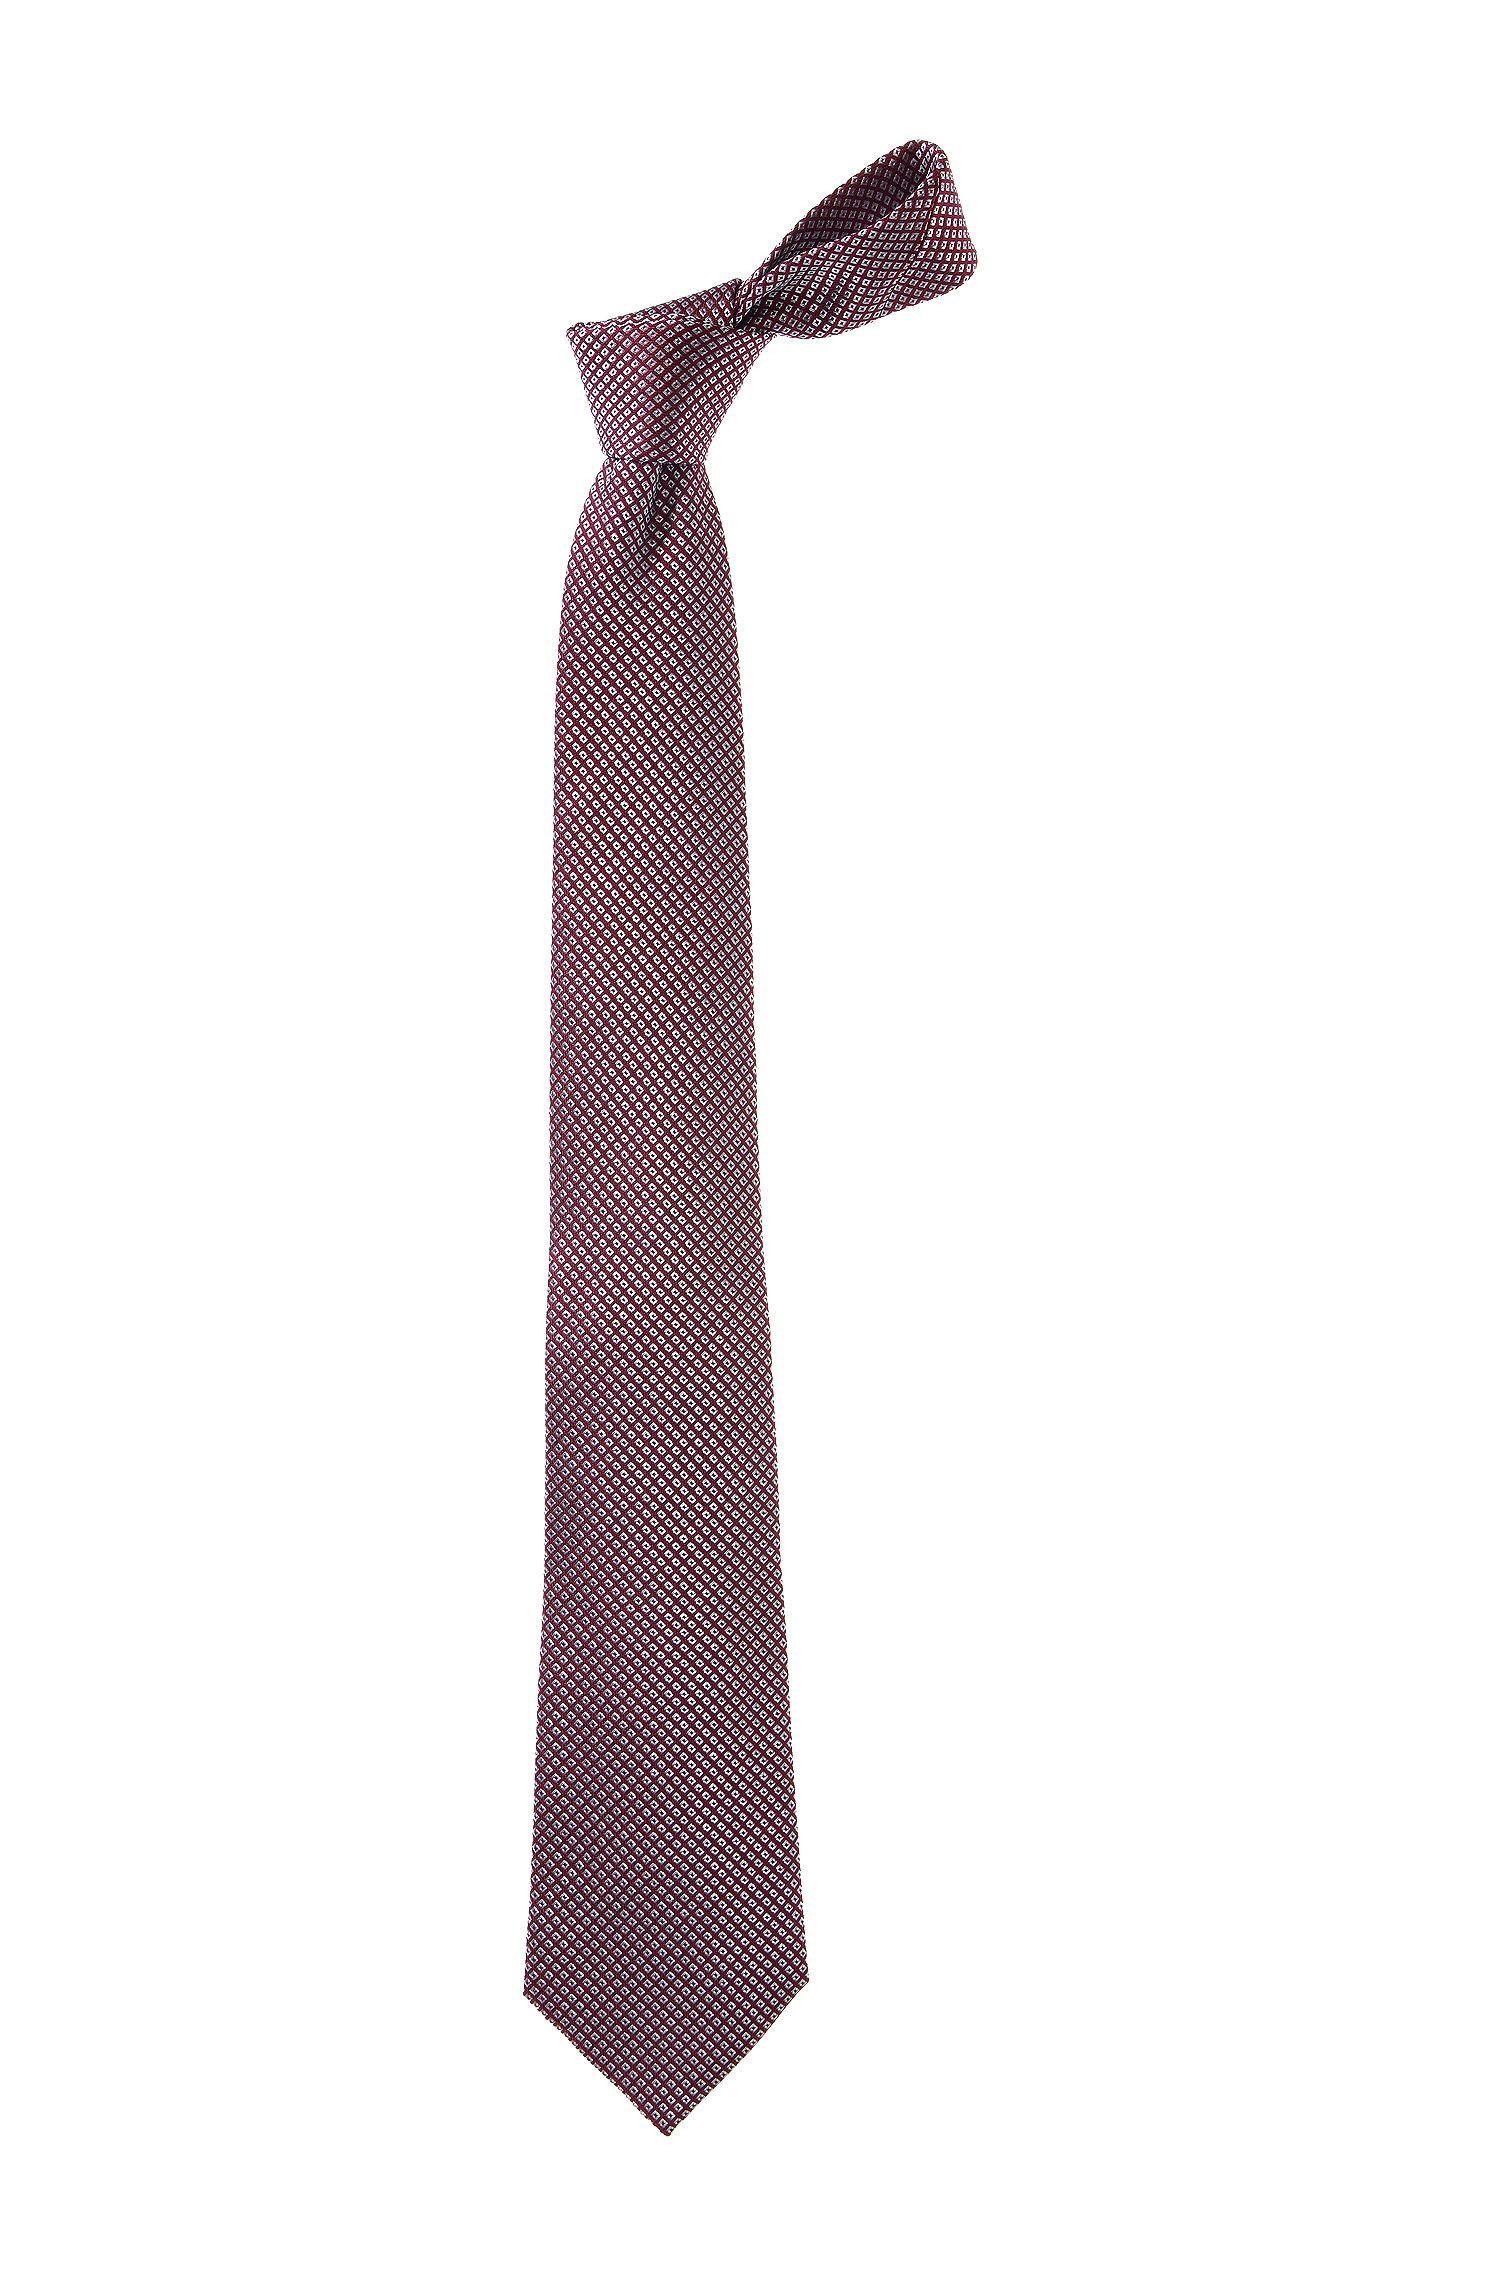 Krawatte ´TIE CM 8` mit eingewebtem Rauten-Dessi